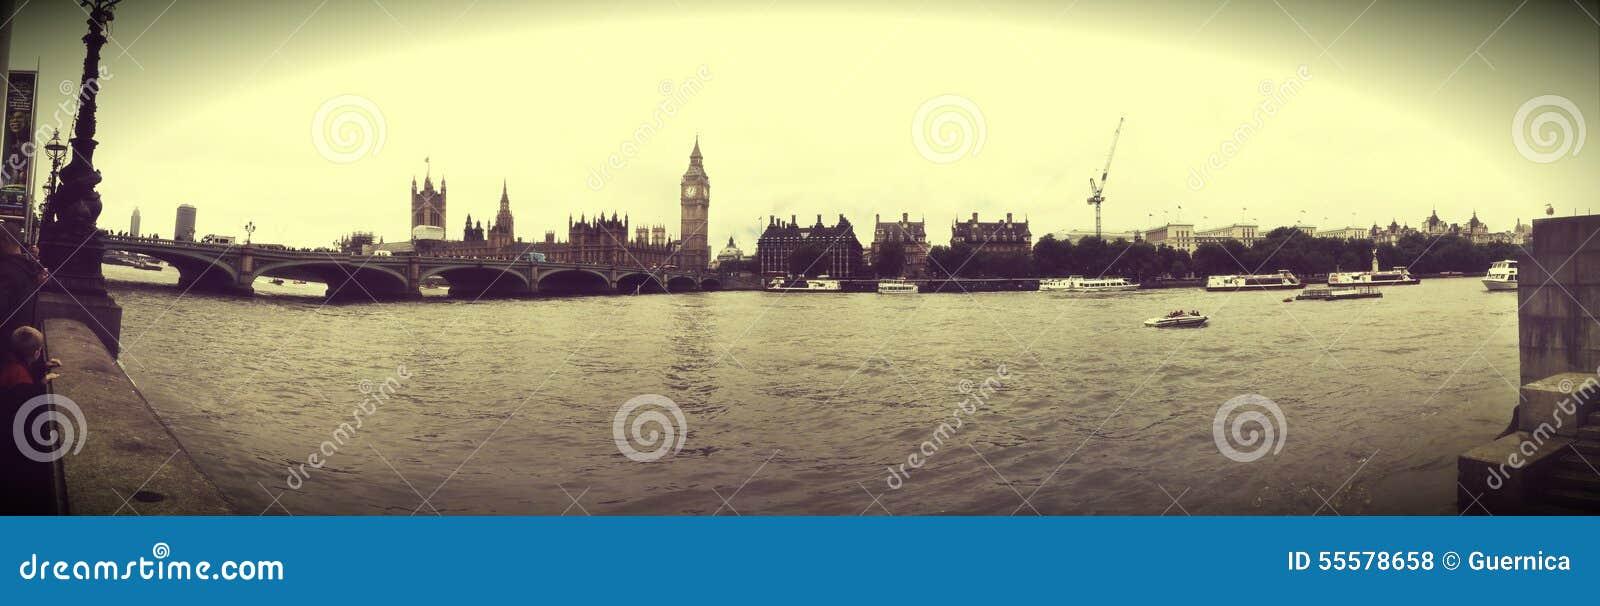 Efeito do vintage de Tamisa do rio de ben grande do panorama para o cartão Londres Reino Unido